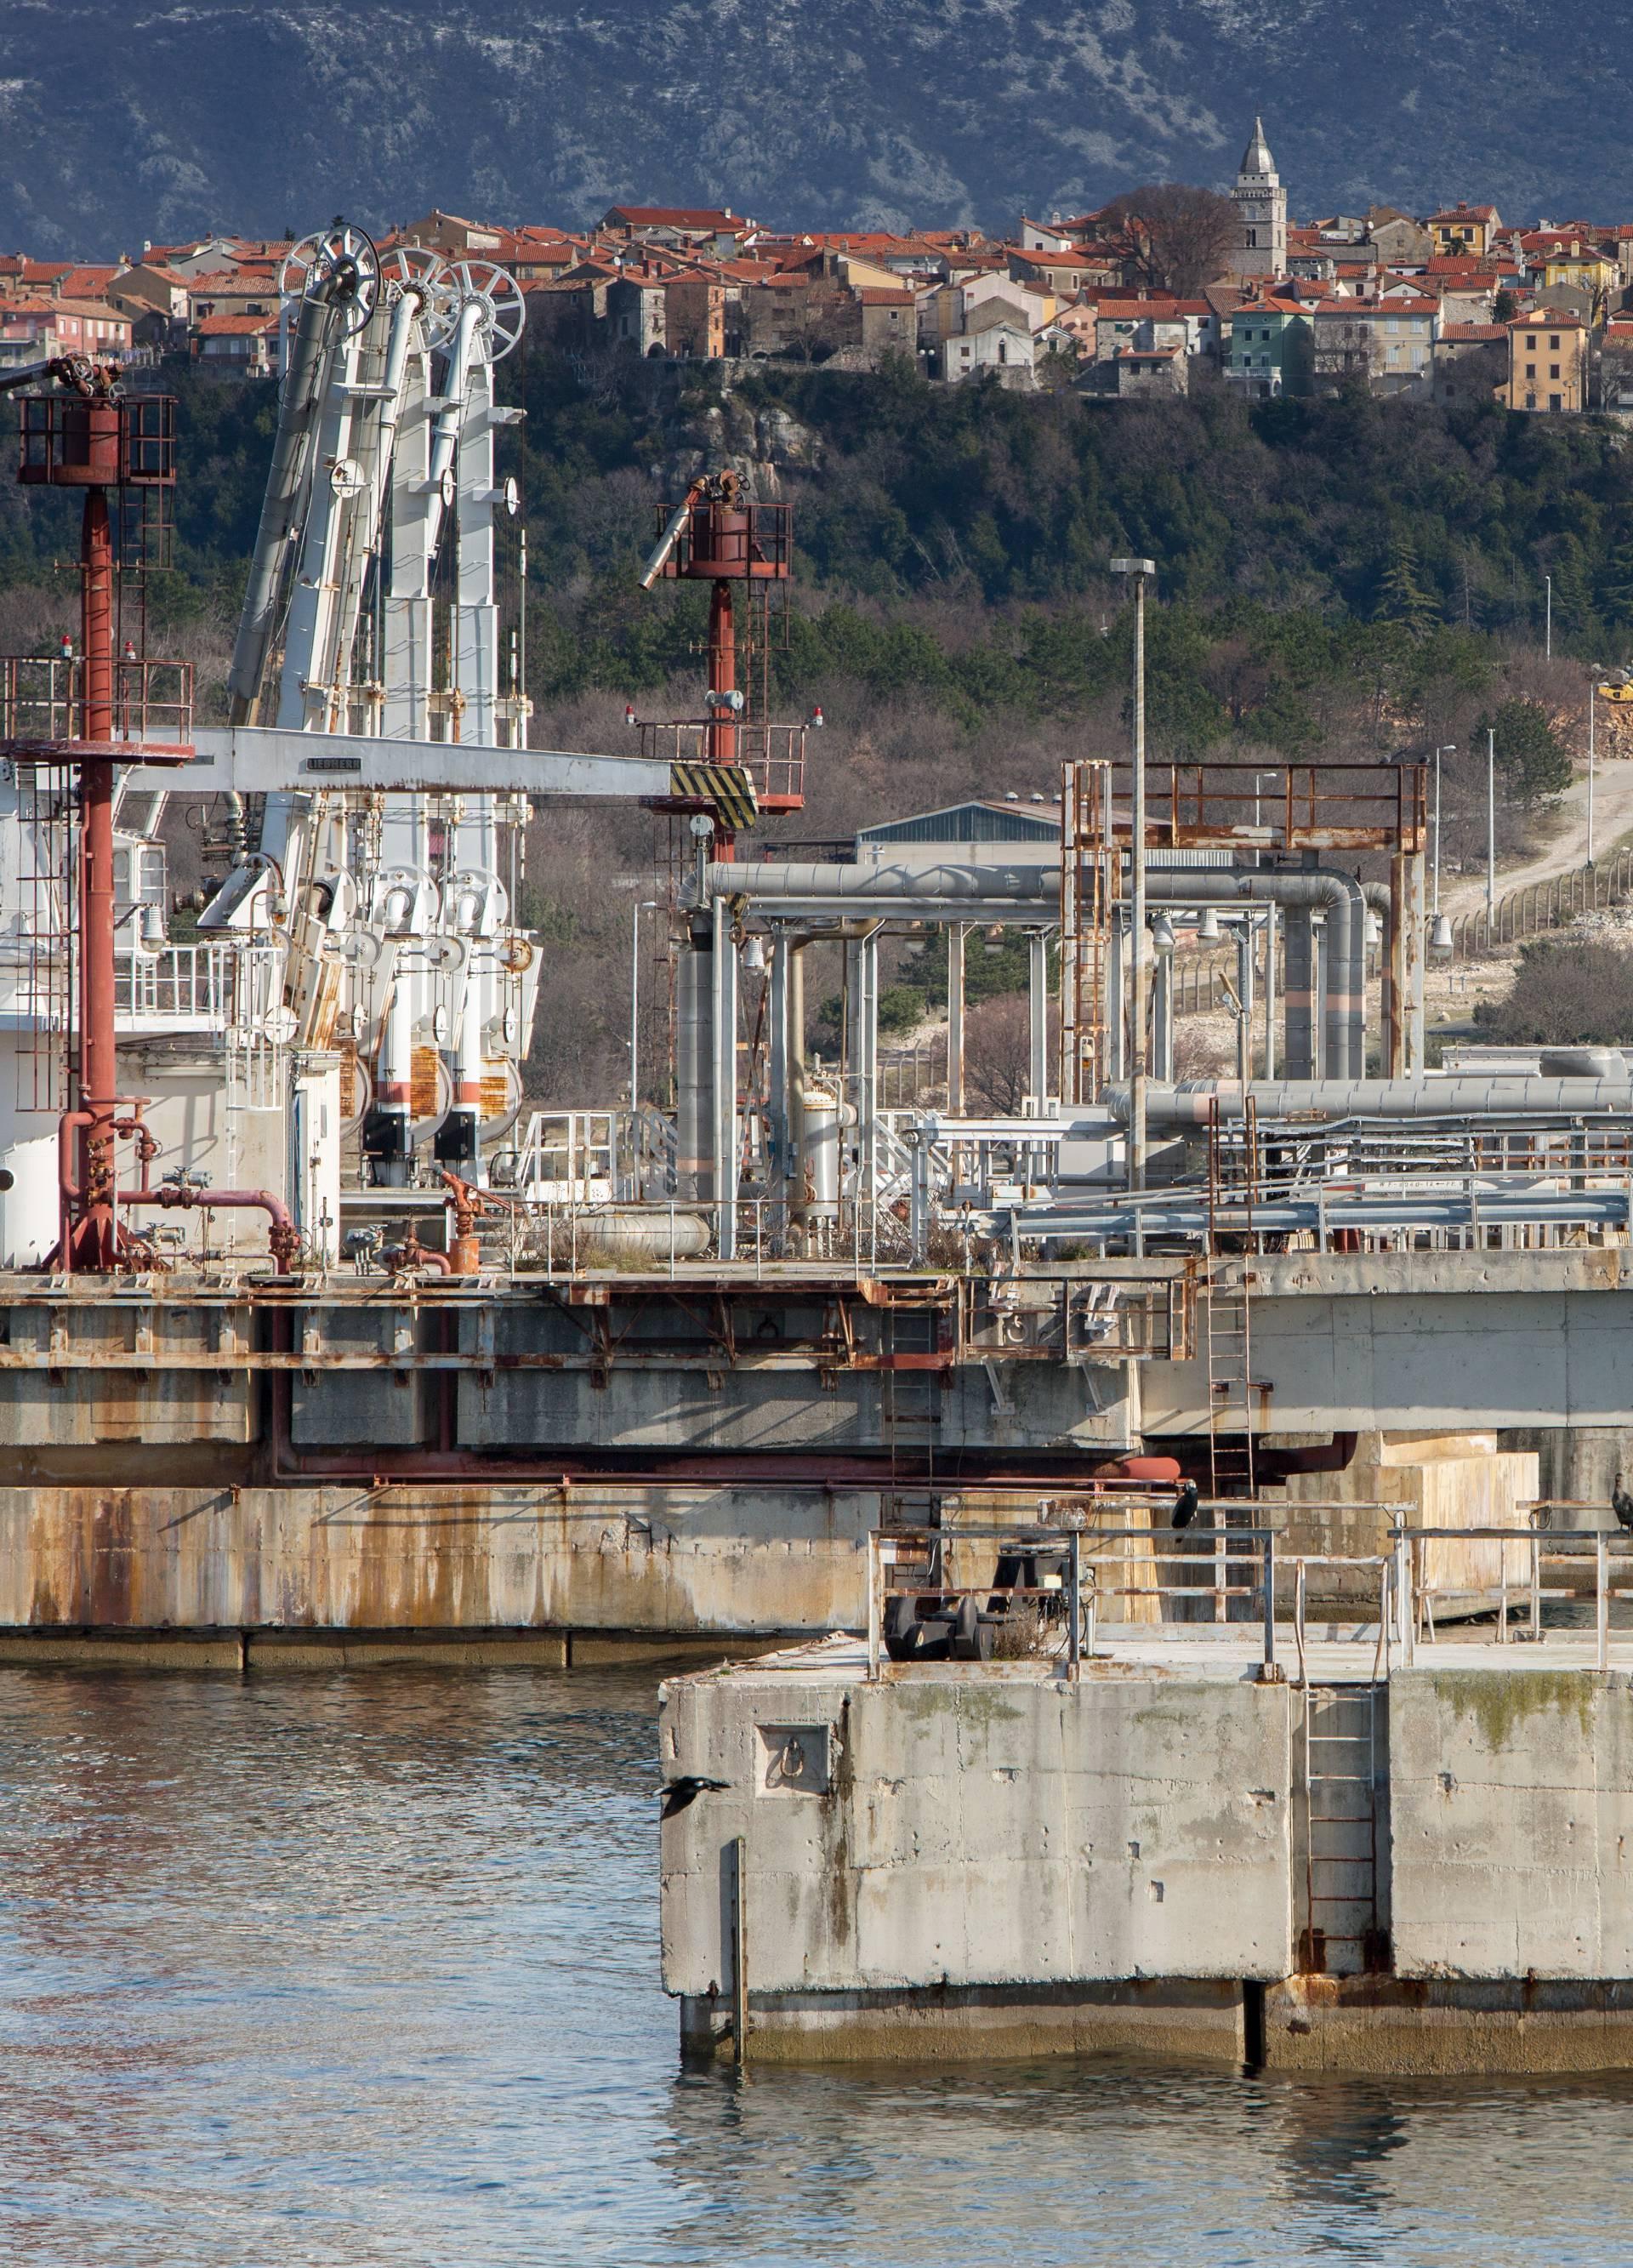 Povjerenstvo odlučilo: Plutajući terminal je prihvatljiv za okoliš